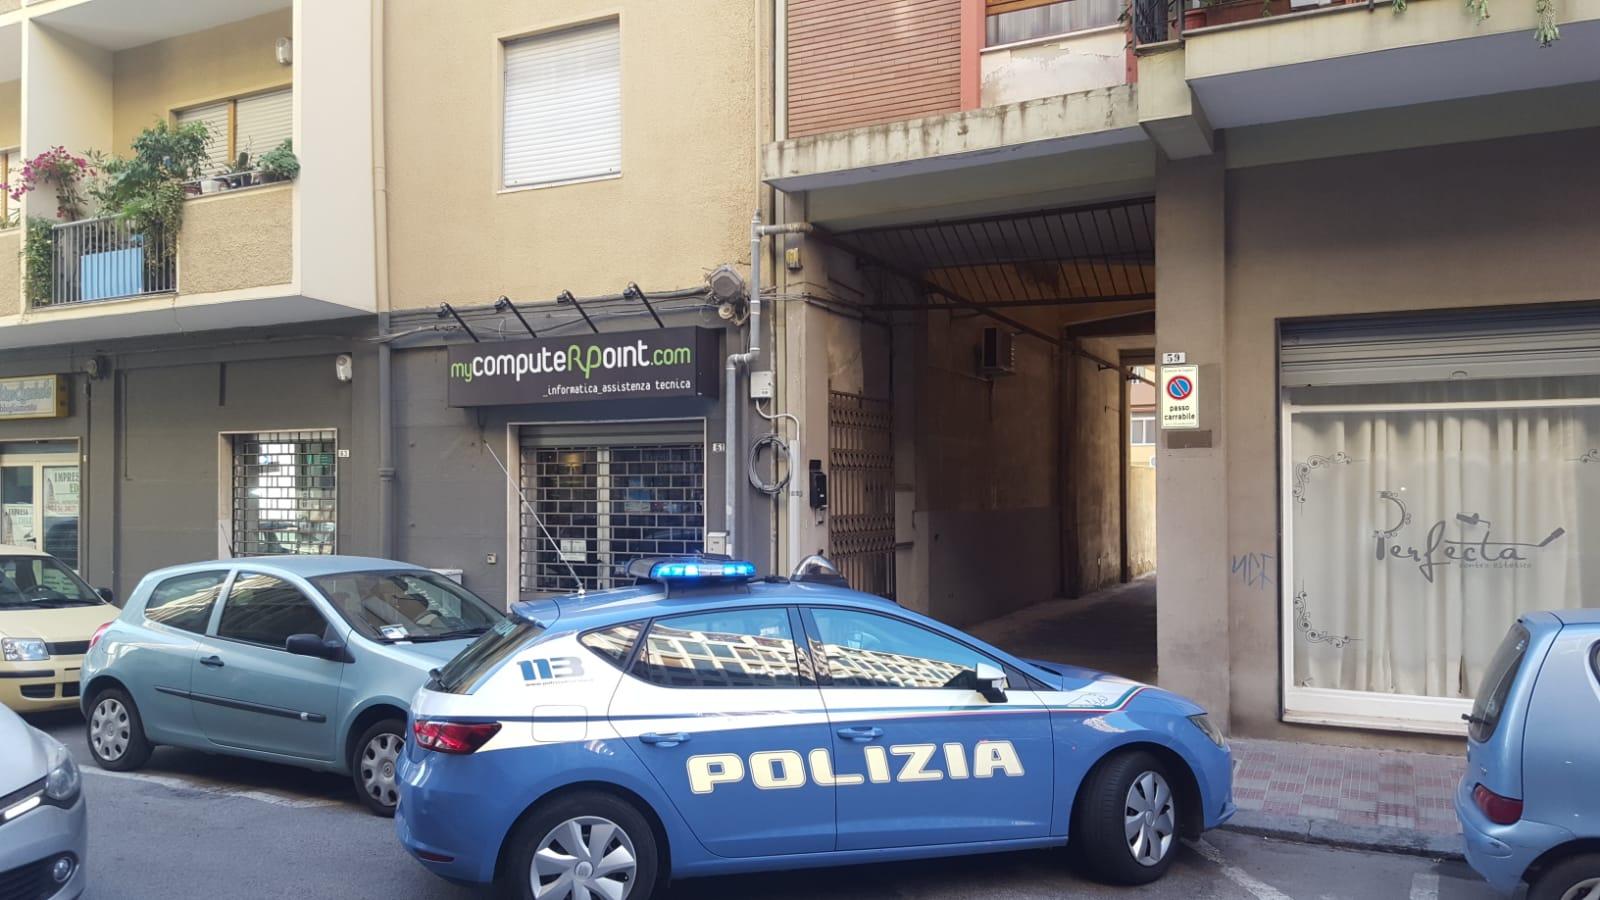 Ufficio Passaporti Questura Di Cagliari : Polizia di stato questure sul web cagliari